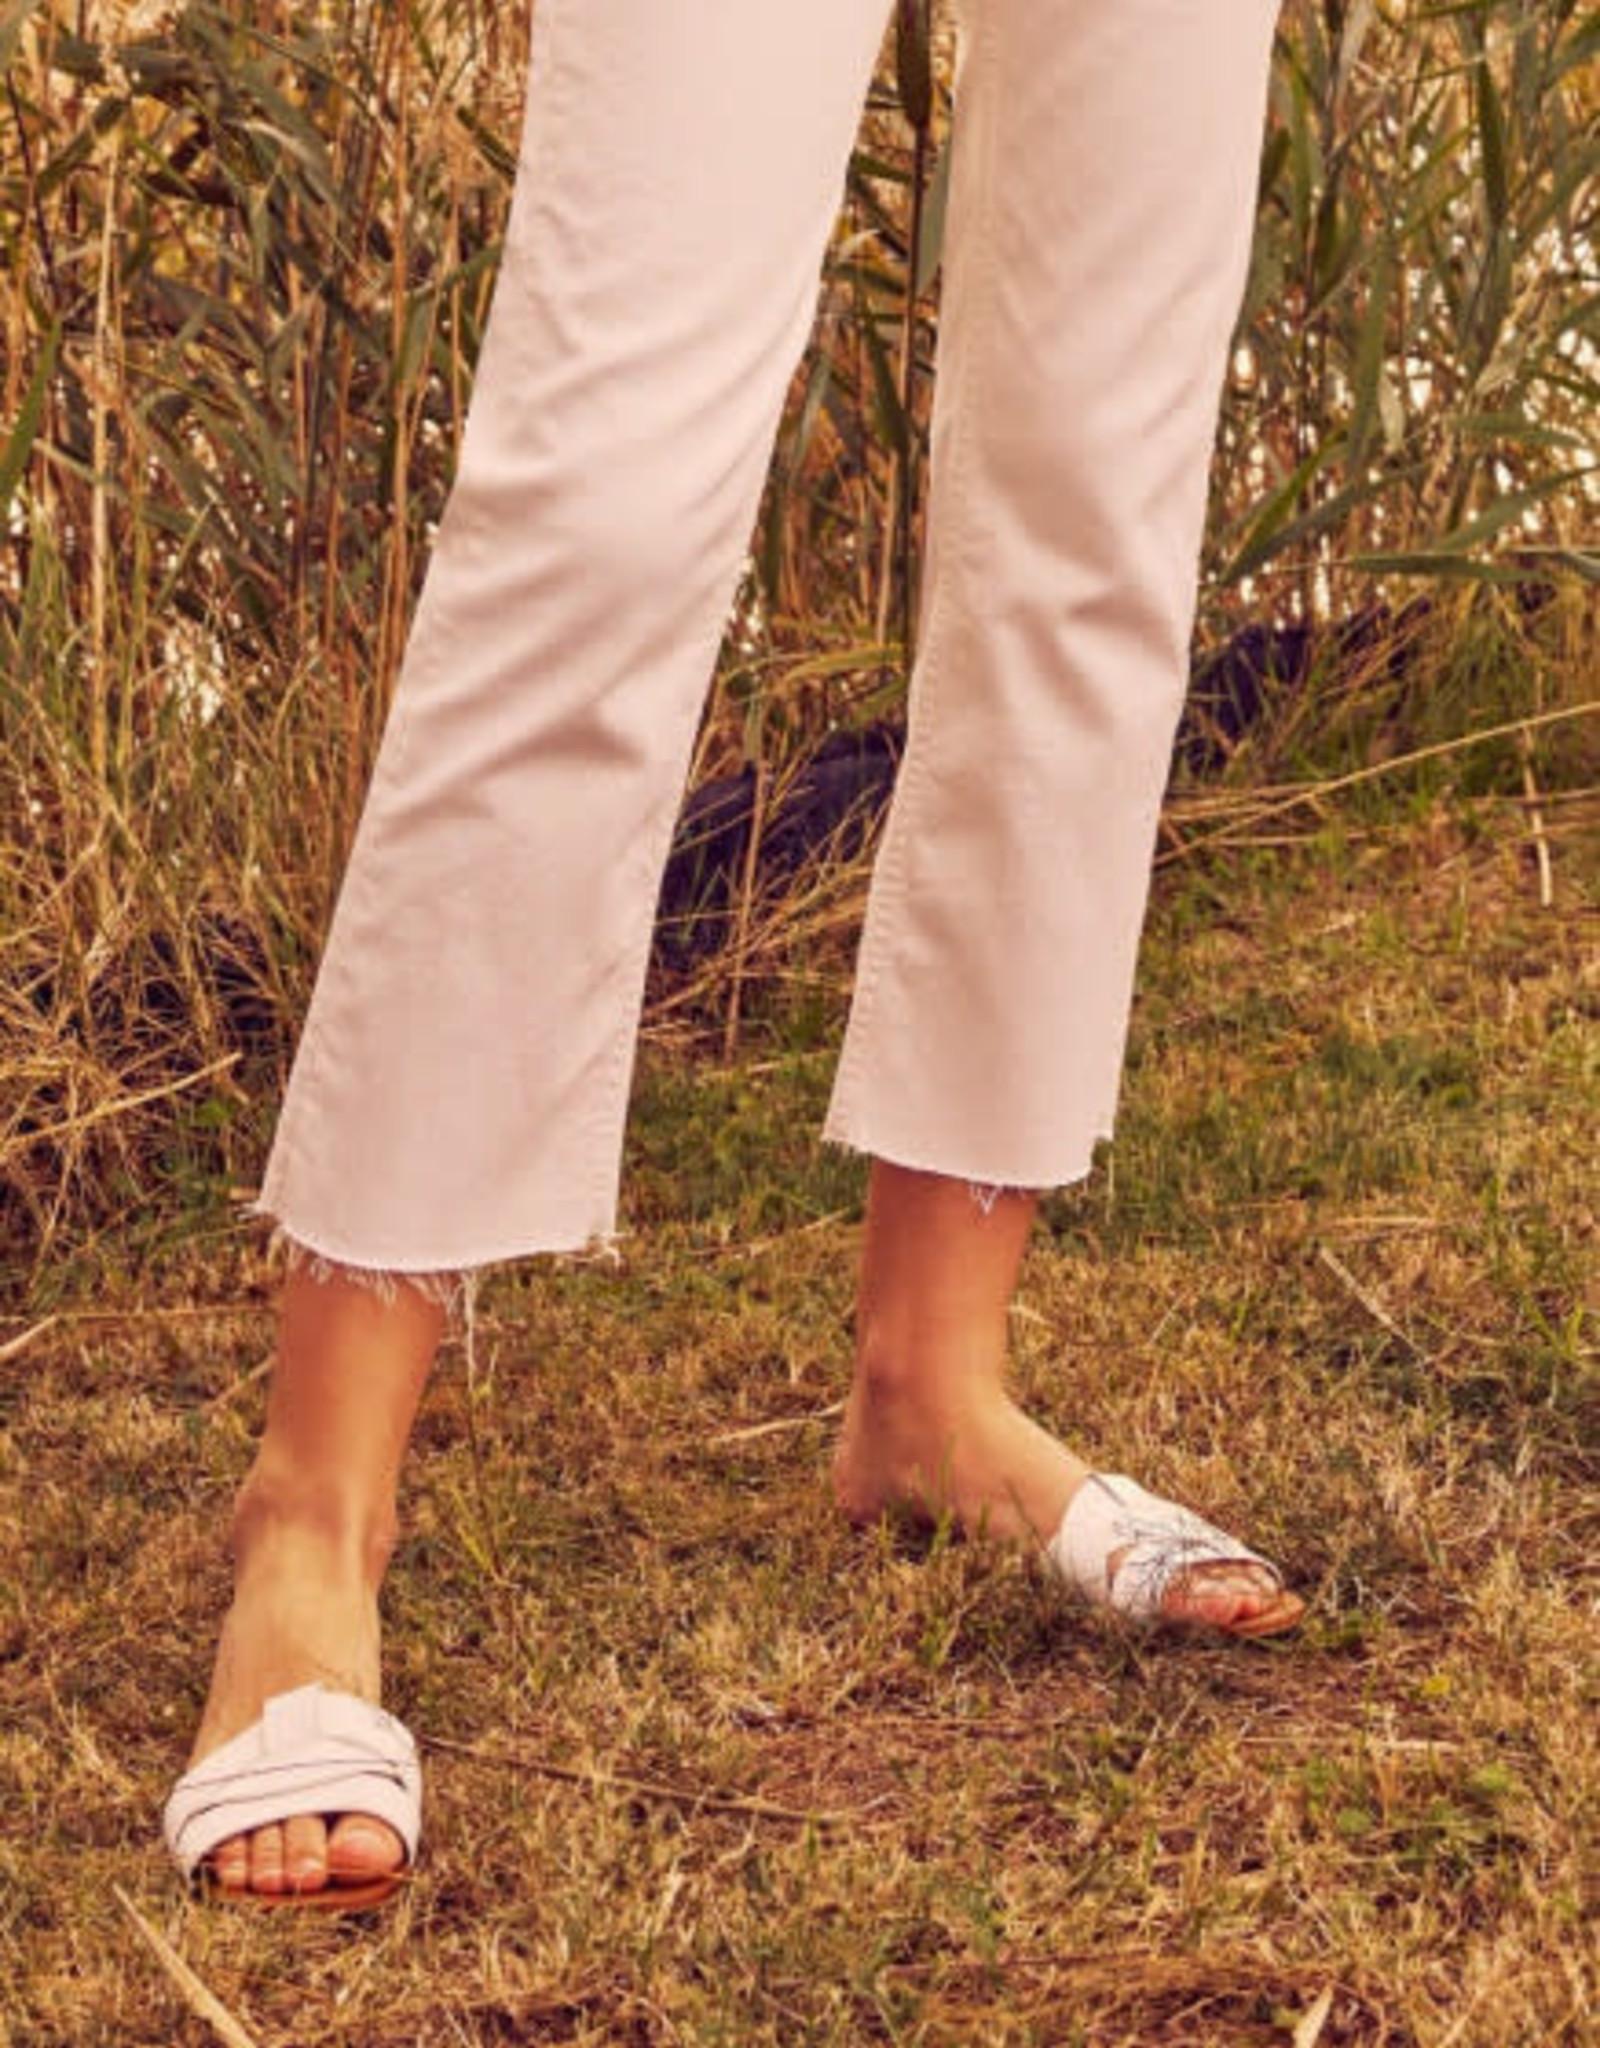 Reiko Jeans 'Milo' - Reiko -  Offwhite